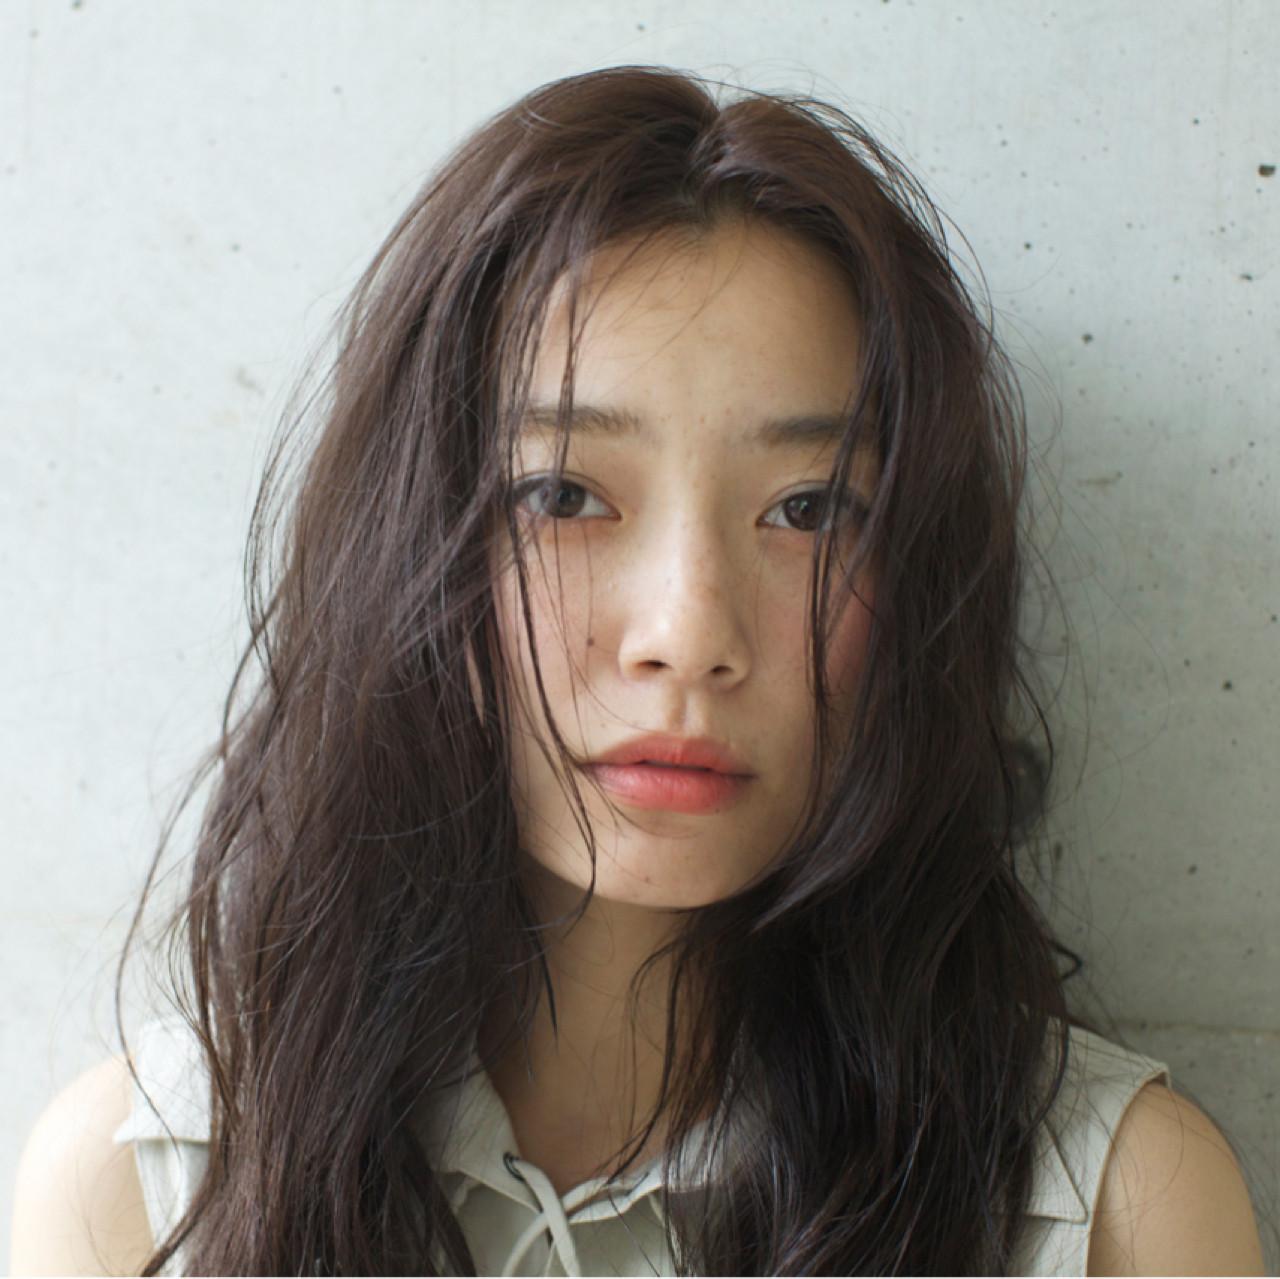 ナチュラル ロング 外国人風 くせ毛風 ヘアスタイルや髪型の写真・画像 | 佐脇 正徳 / LOAVE AOYAMA(ローヴ アオヤマ)